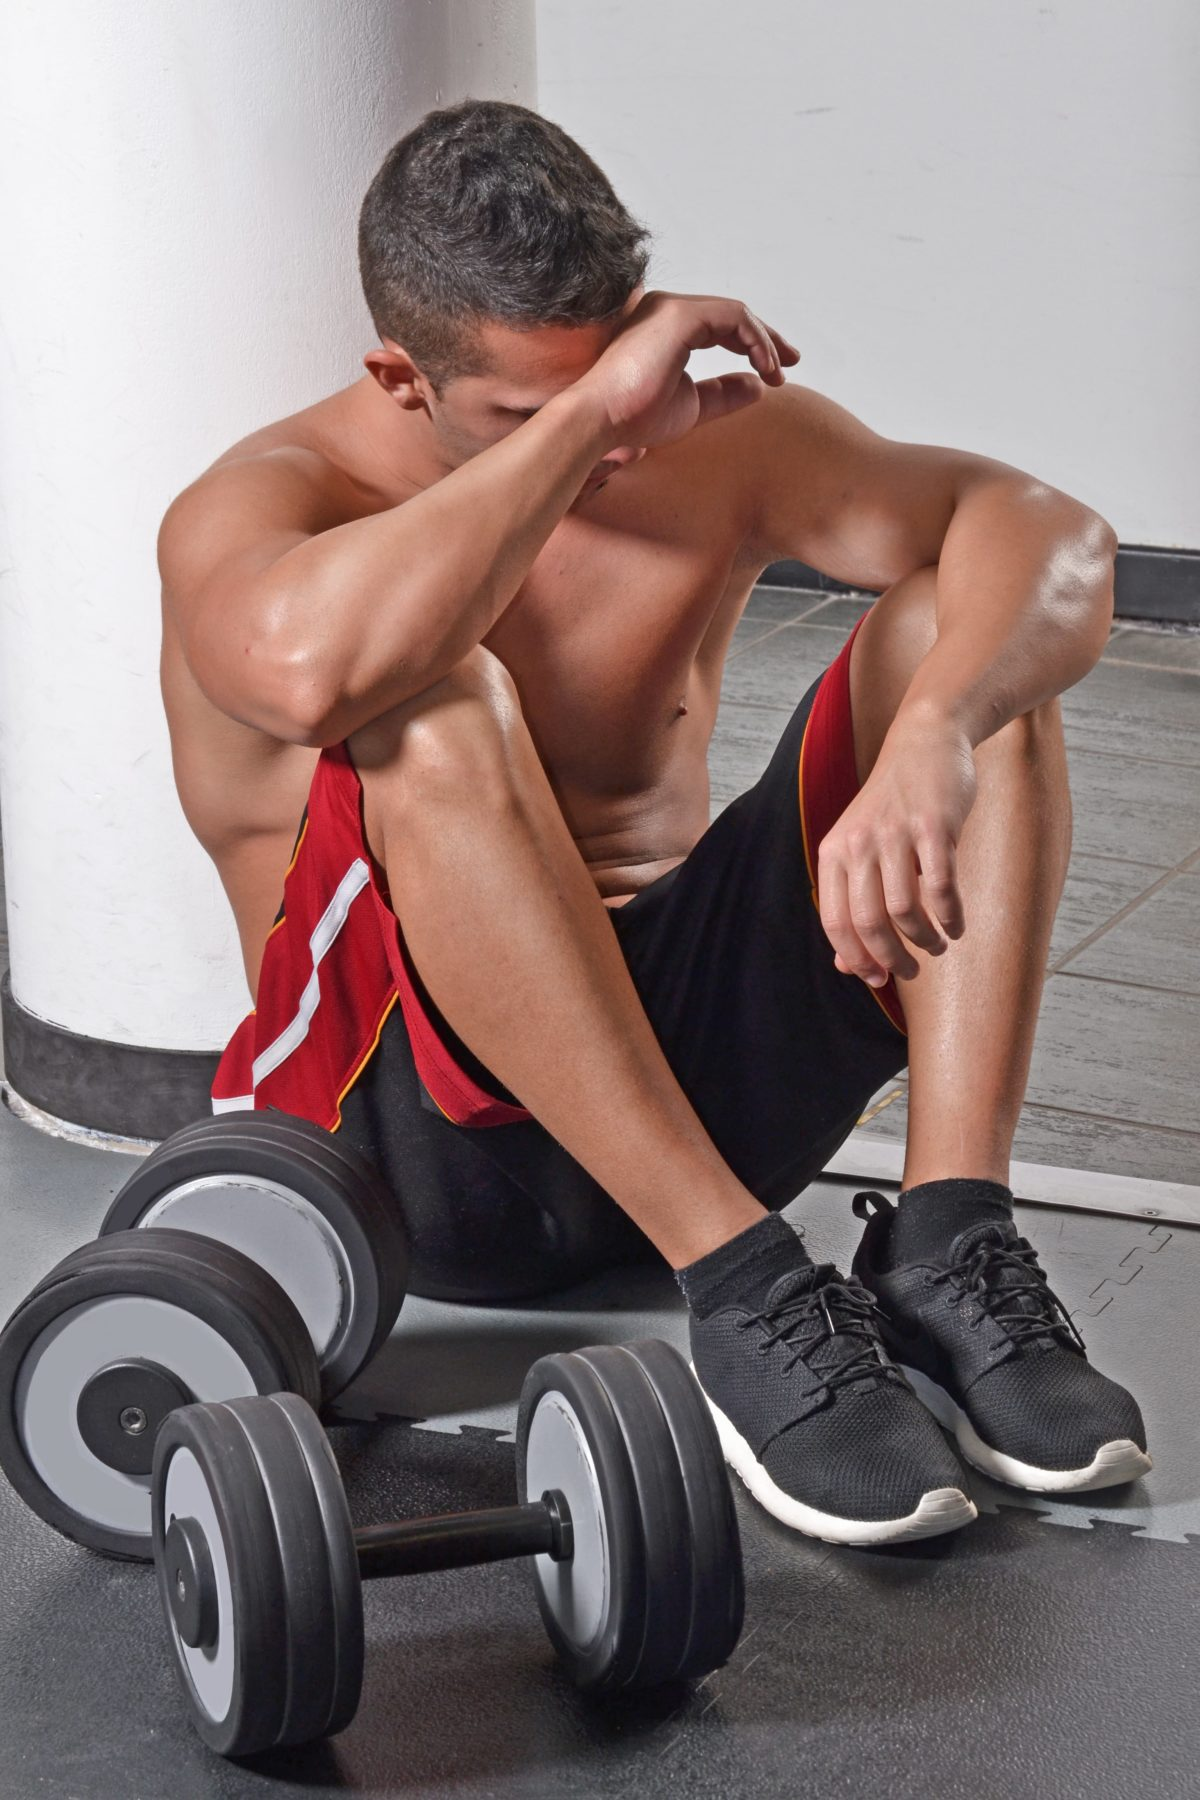 Dor-muscular-após-atividade-físicashutterstock_263406701-min-1-1200x1800.jpg